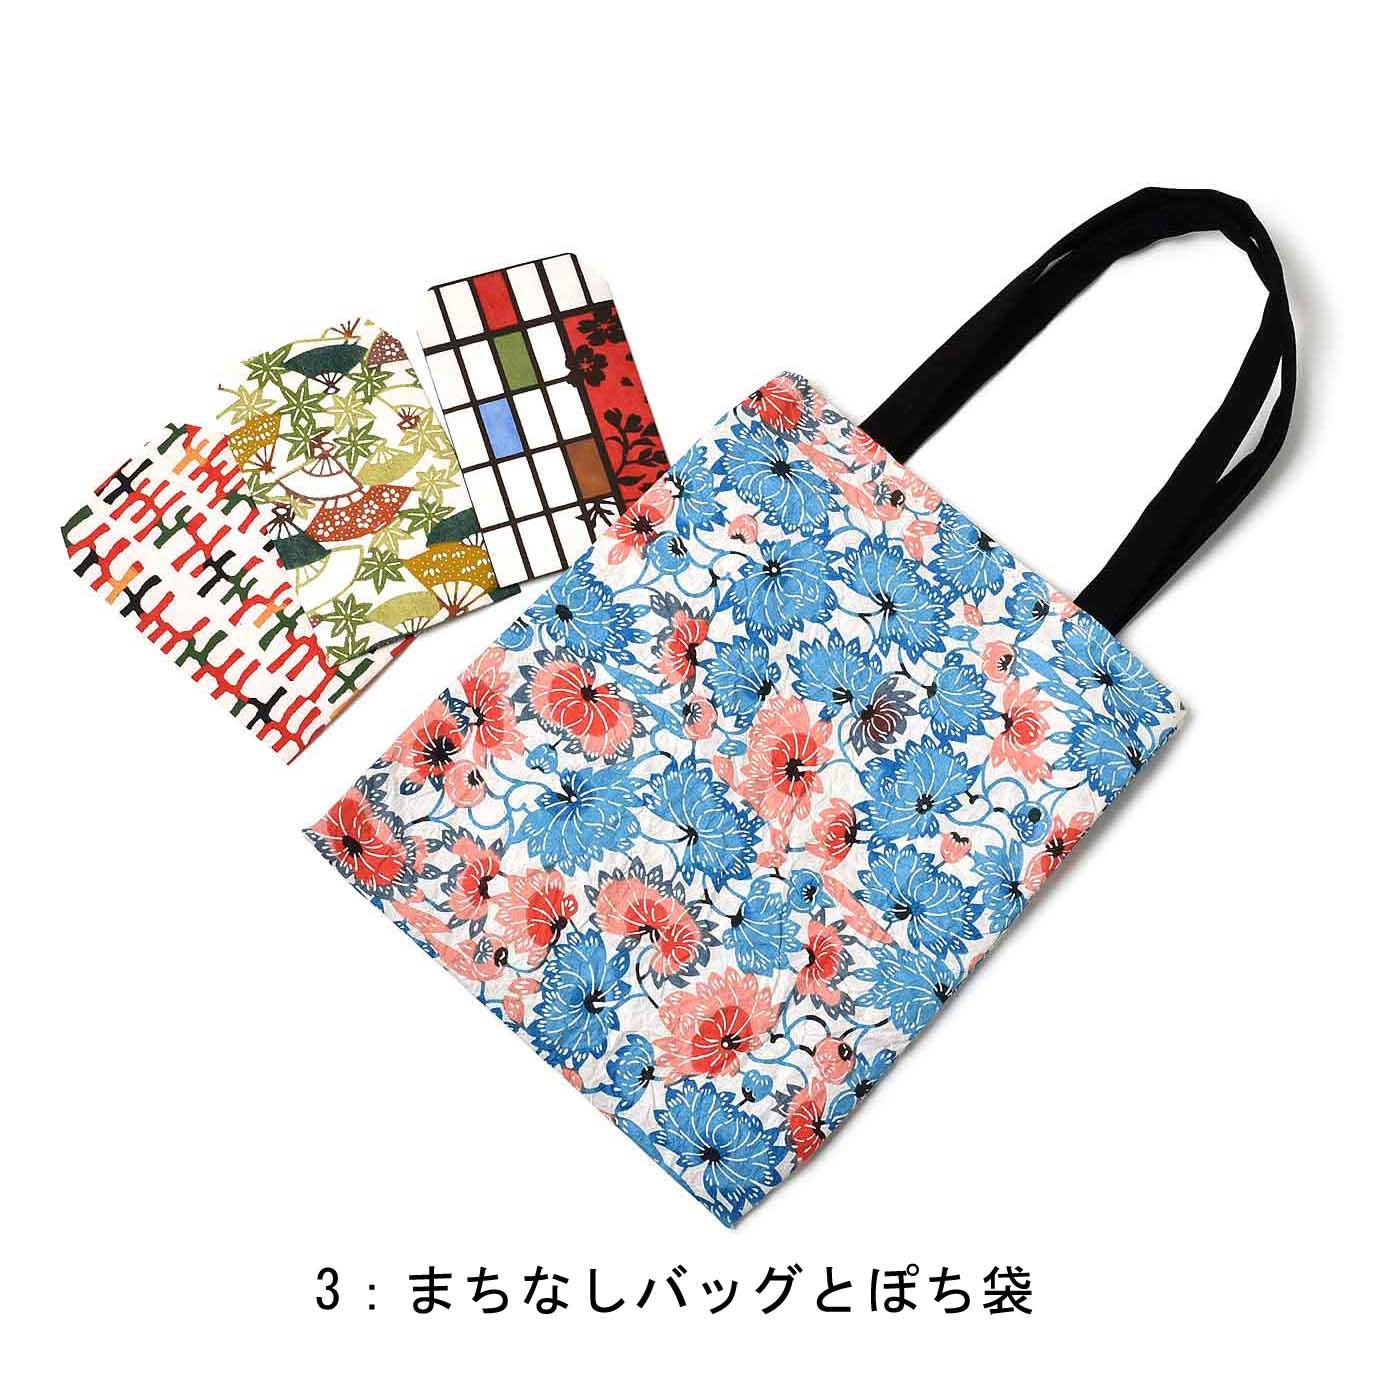 まちなしバッグ 1個:綿 縦約22cm、横約18cm(持ち手含まず) ぽち袋 3枚:紙 縦約11cm、横約6.5cm